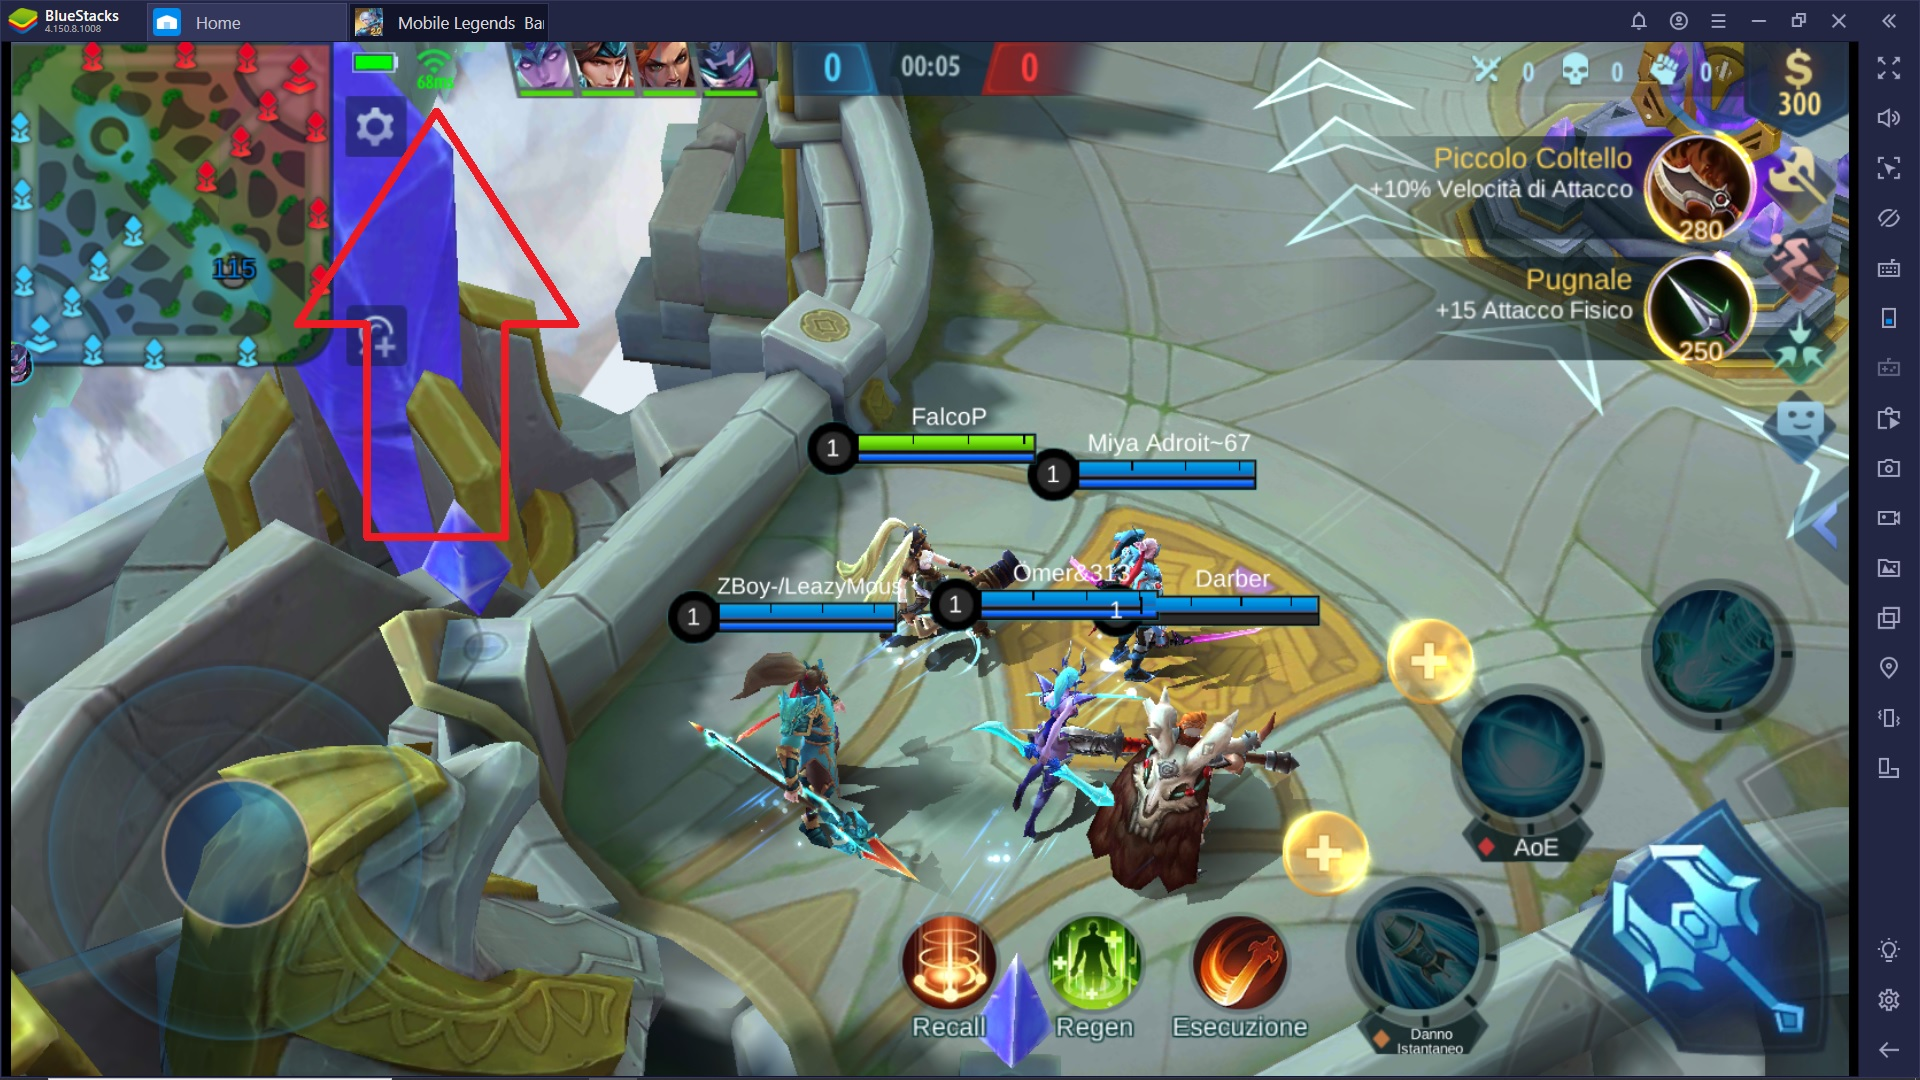 Tutte le novità dell'update 2.0 di Mobile Legends: Bang Bang